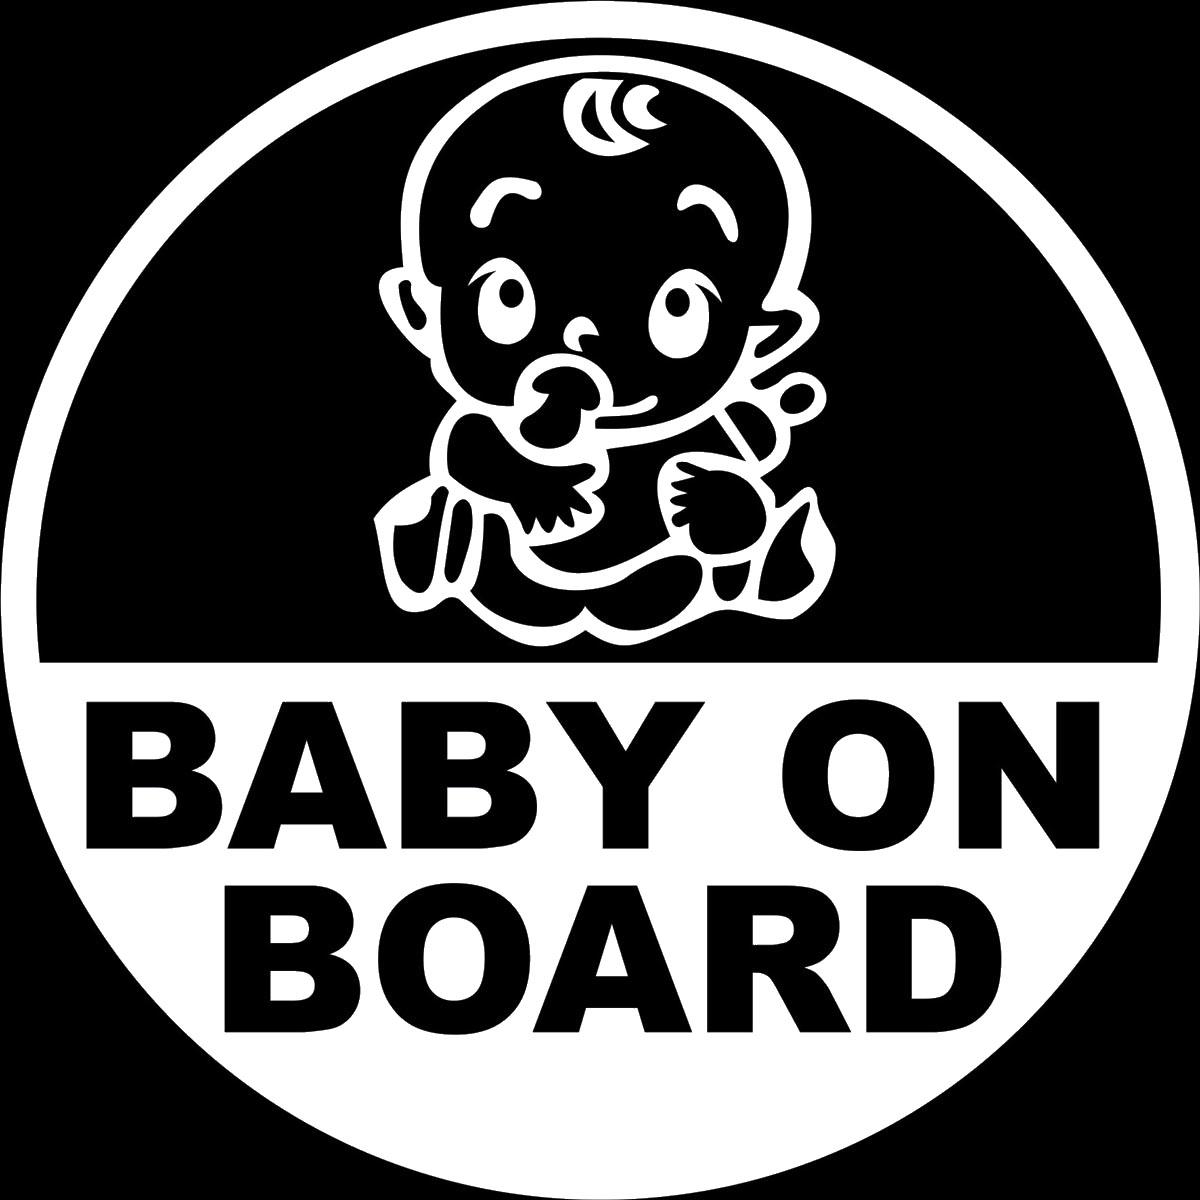 Наклейка автомобильная Оранжевый слоник Baby on Board. Круг 2, виниловая, цвет: белый150RM0008WОригинальная наклейка Оранжевый слоник Baby on Board. Круг 2 изготовлена из высококачественного винила, который выполняет не только декоративную функцию, но и защищает кузов от небольших механических повреждений, либо скрывает уже существующие.Виниловые наклейки на авто - это не только красиво, но еще и быстро! Всего за несколько минут вы можете полностью преобразить свой автомобиль, сделать его ярким, необычным, особенным и неповторимым!